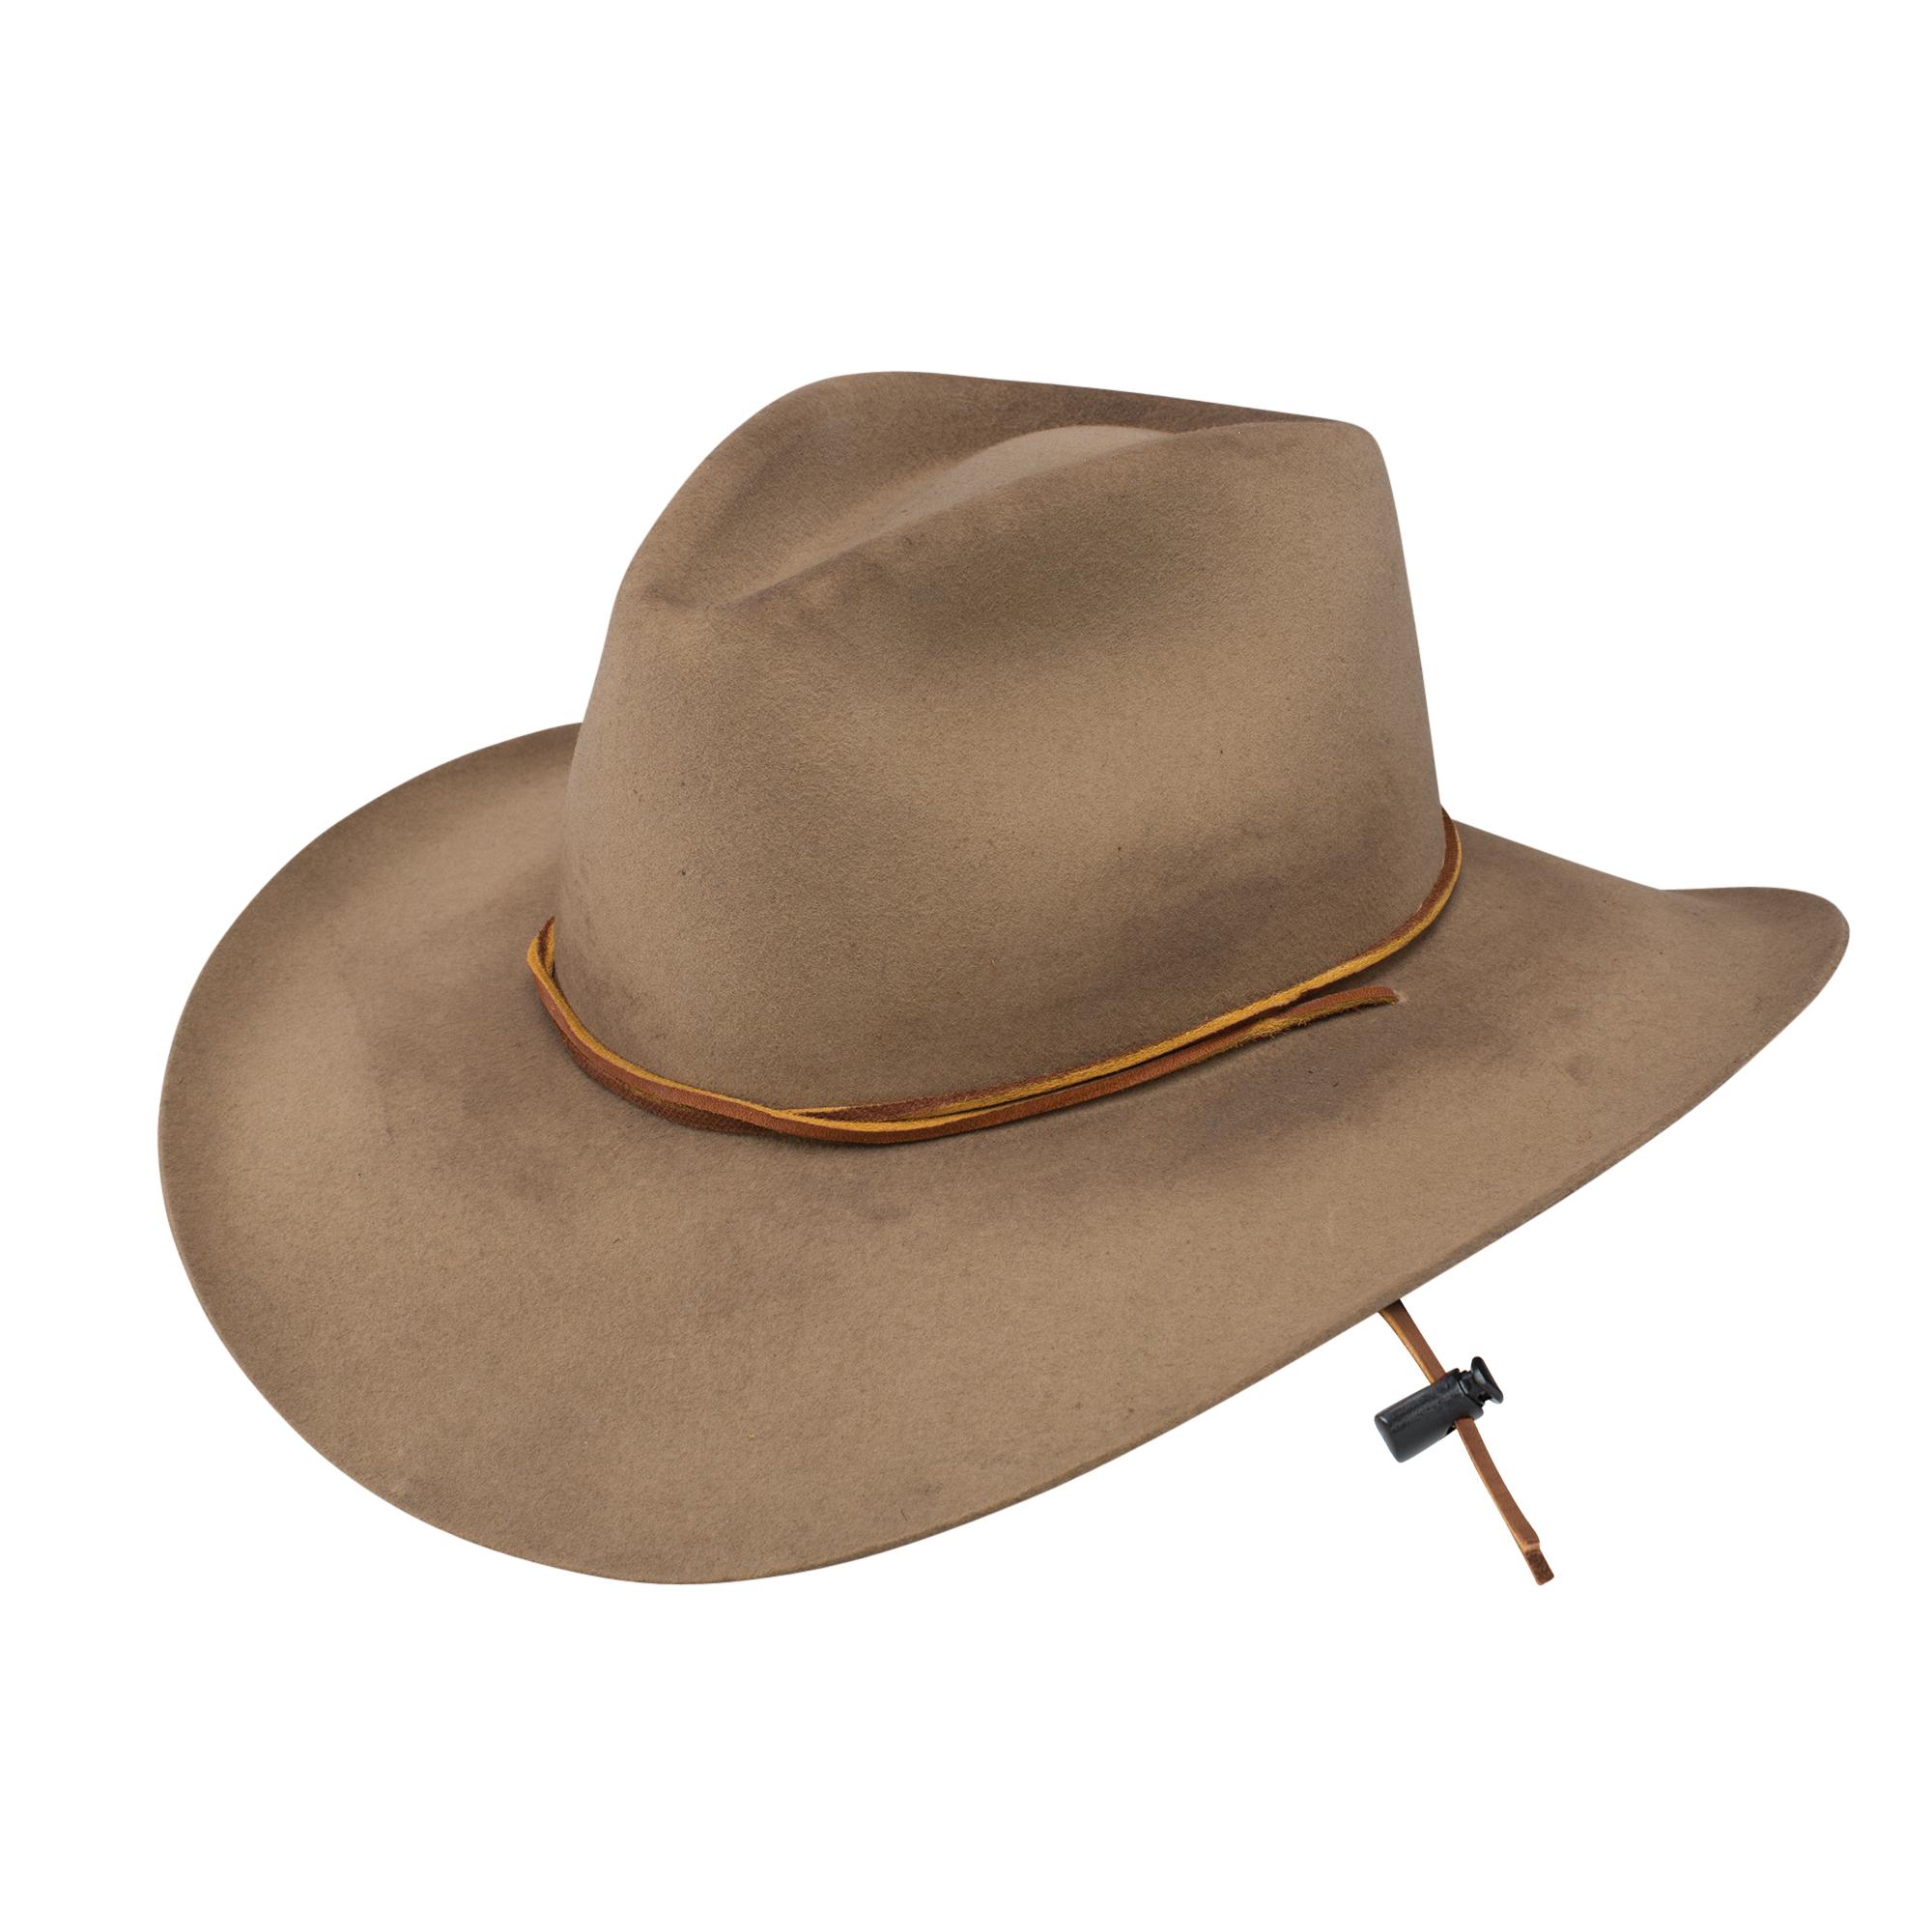 C-01-L Large Ariat Kids 6X Fur Felt Cowboy Genuine Goat Leather Hat Black